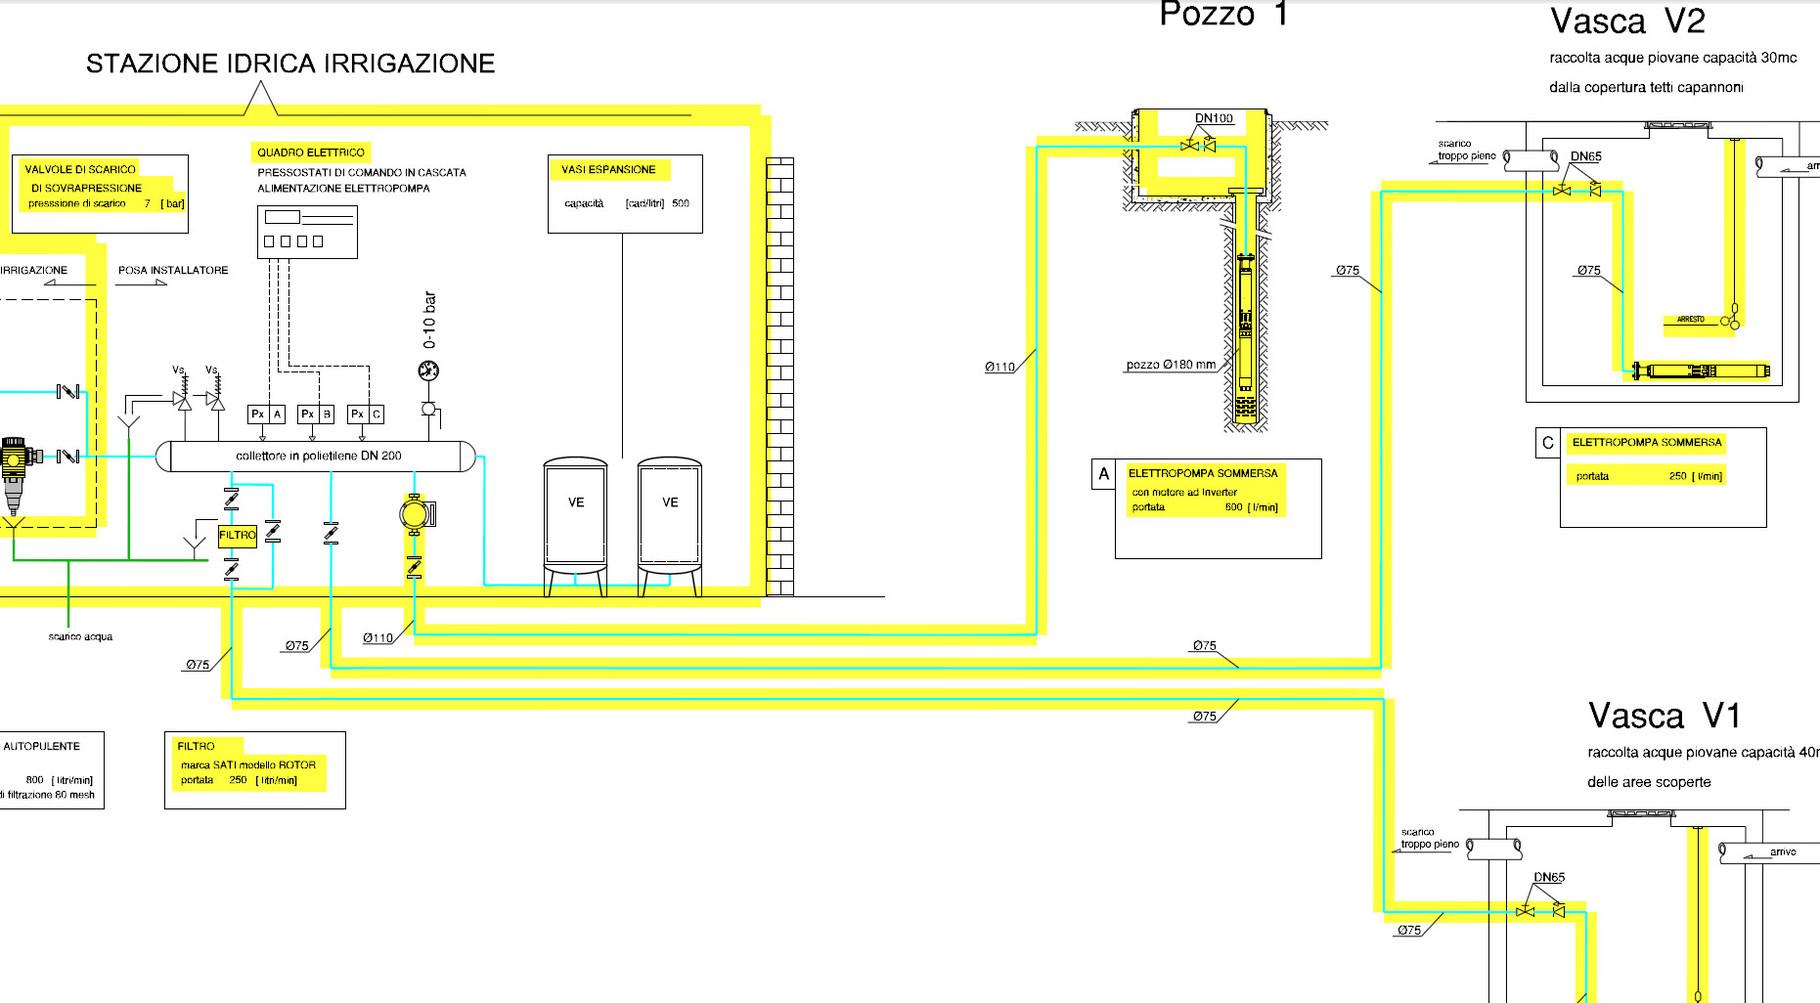 Schema stazione di pompaggio irrigazione